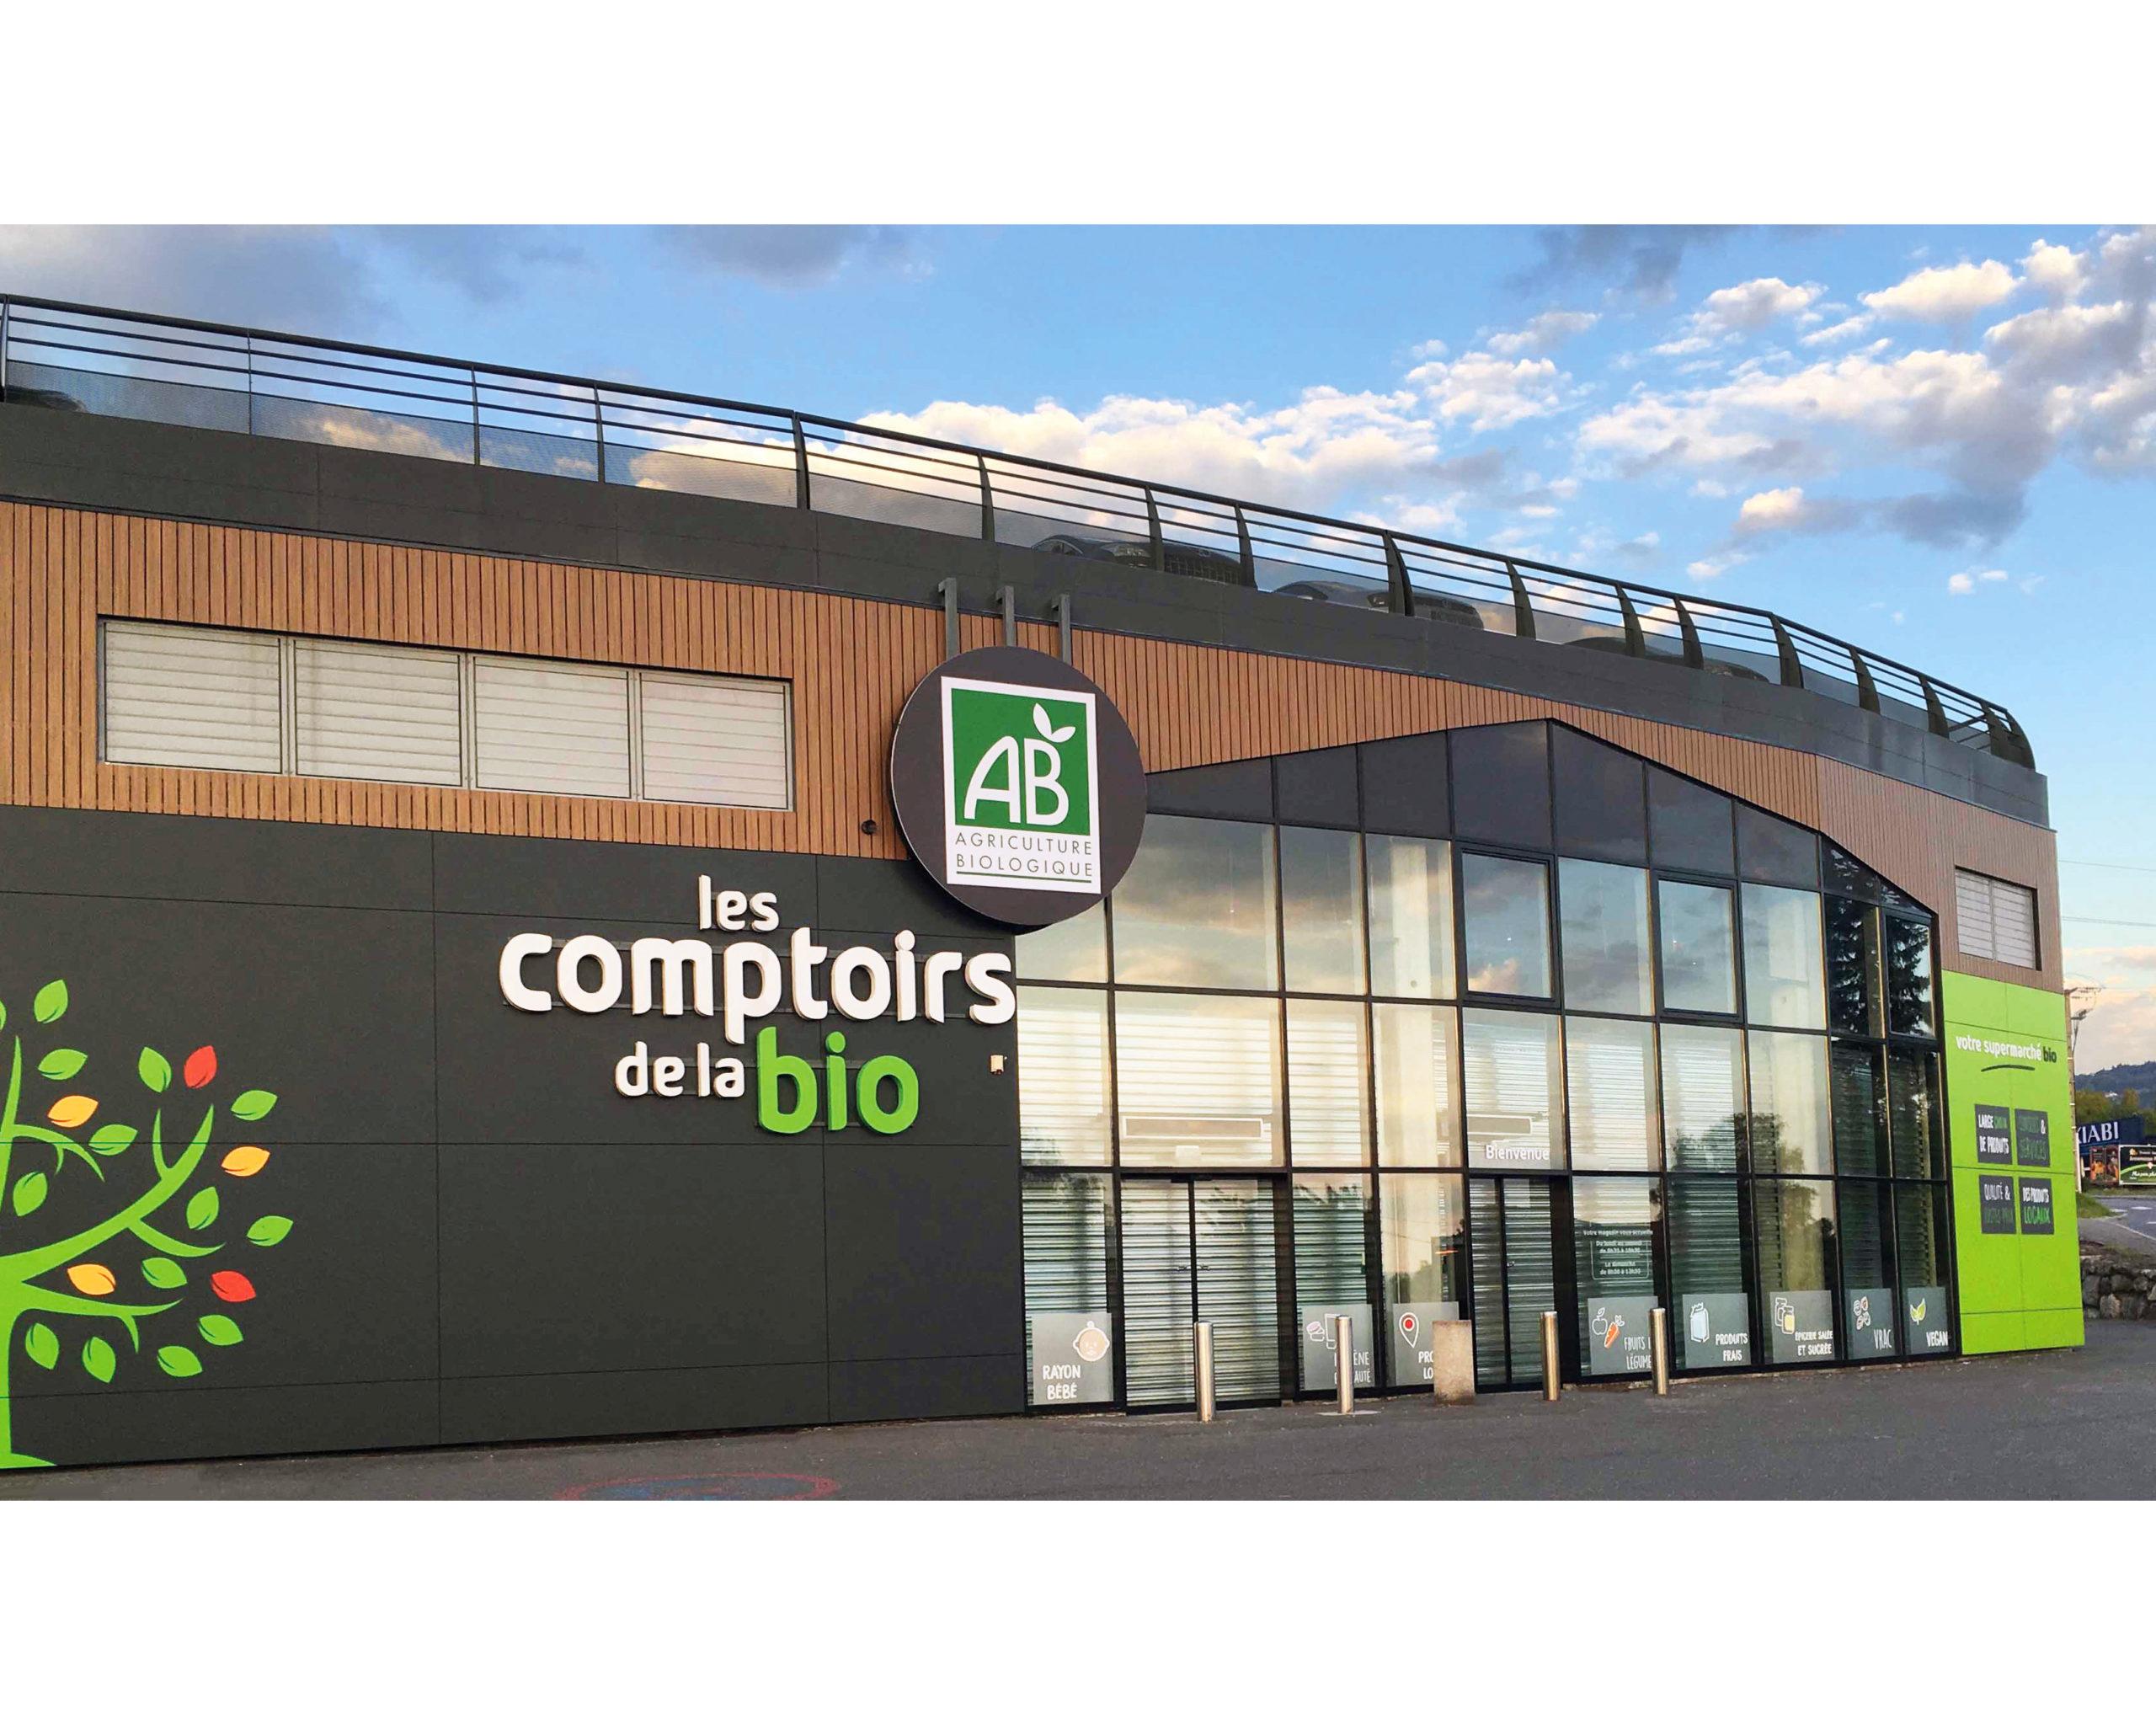 Les Comptoirs de la Bio Amanzy, magasin spécialisé en alimentation bio et local